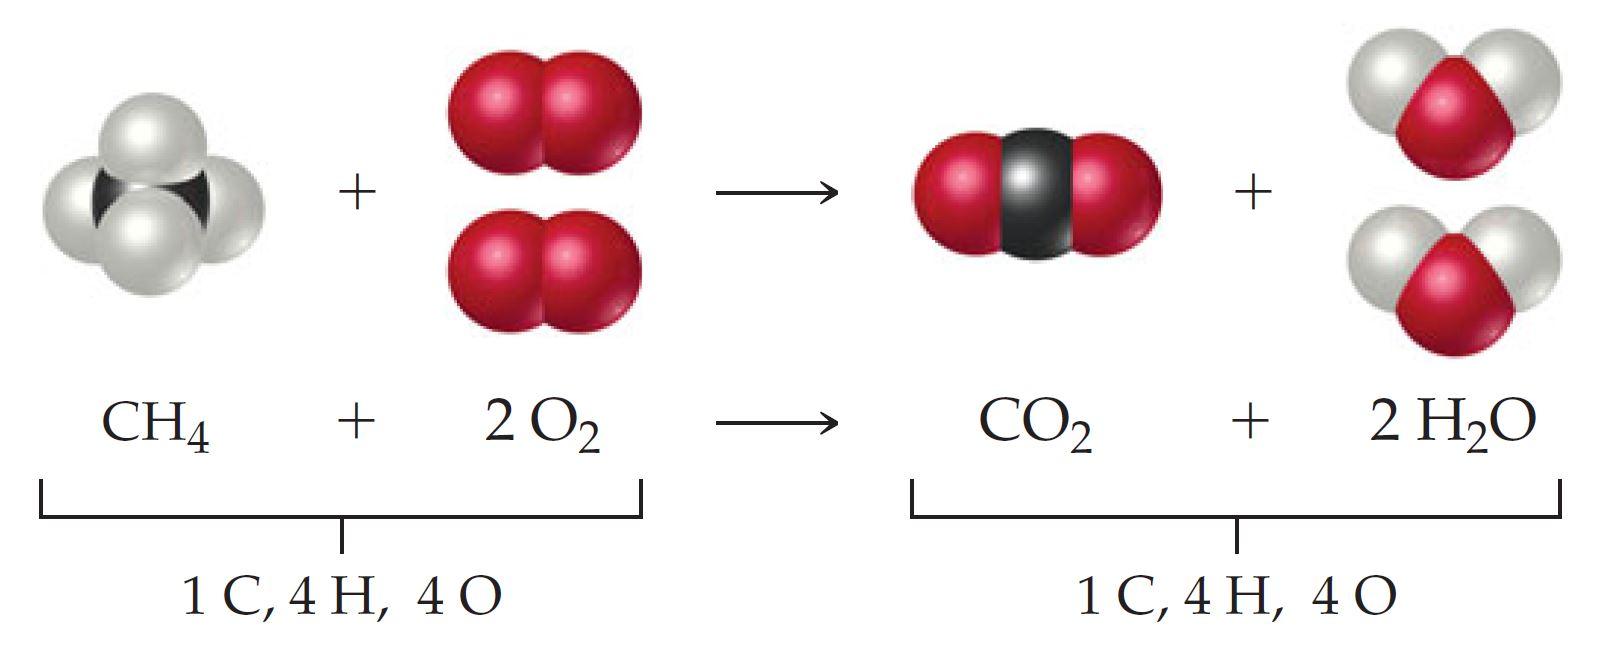 أمثلة لعدد من التفاعلات الكيميائية الموزونة